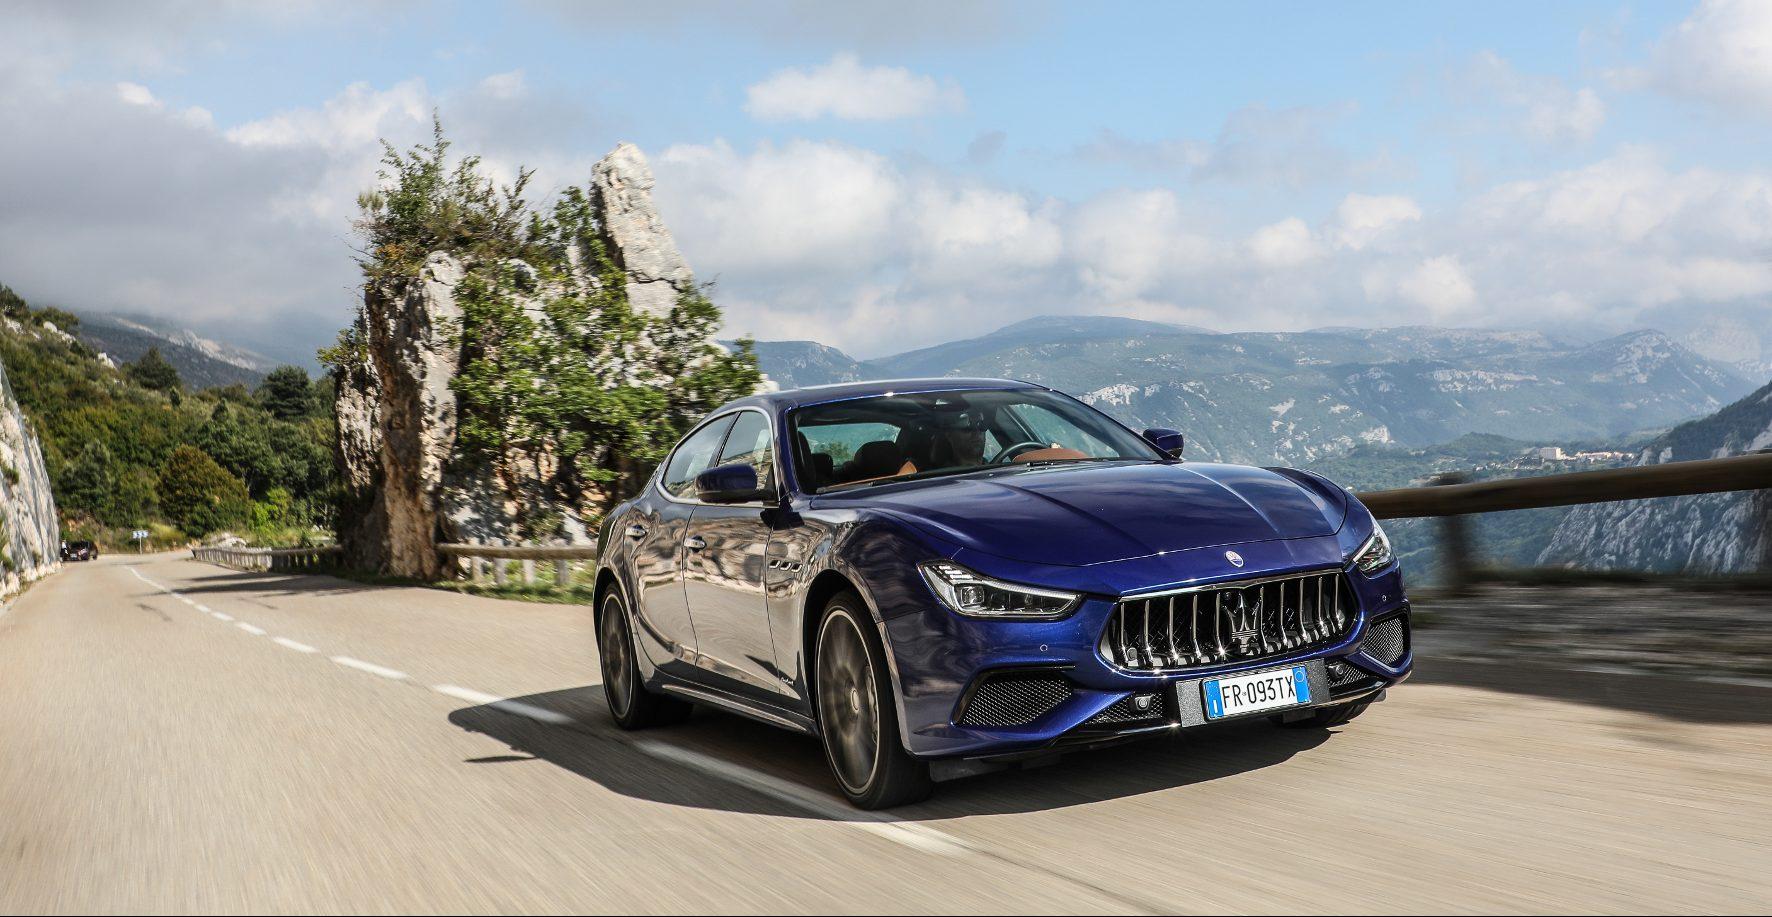 Cruisen von seiner schönsten Seite: Der Maserati Ghibli S Q4 besticht durch seine hohe Laufkultur.